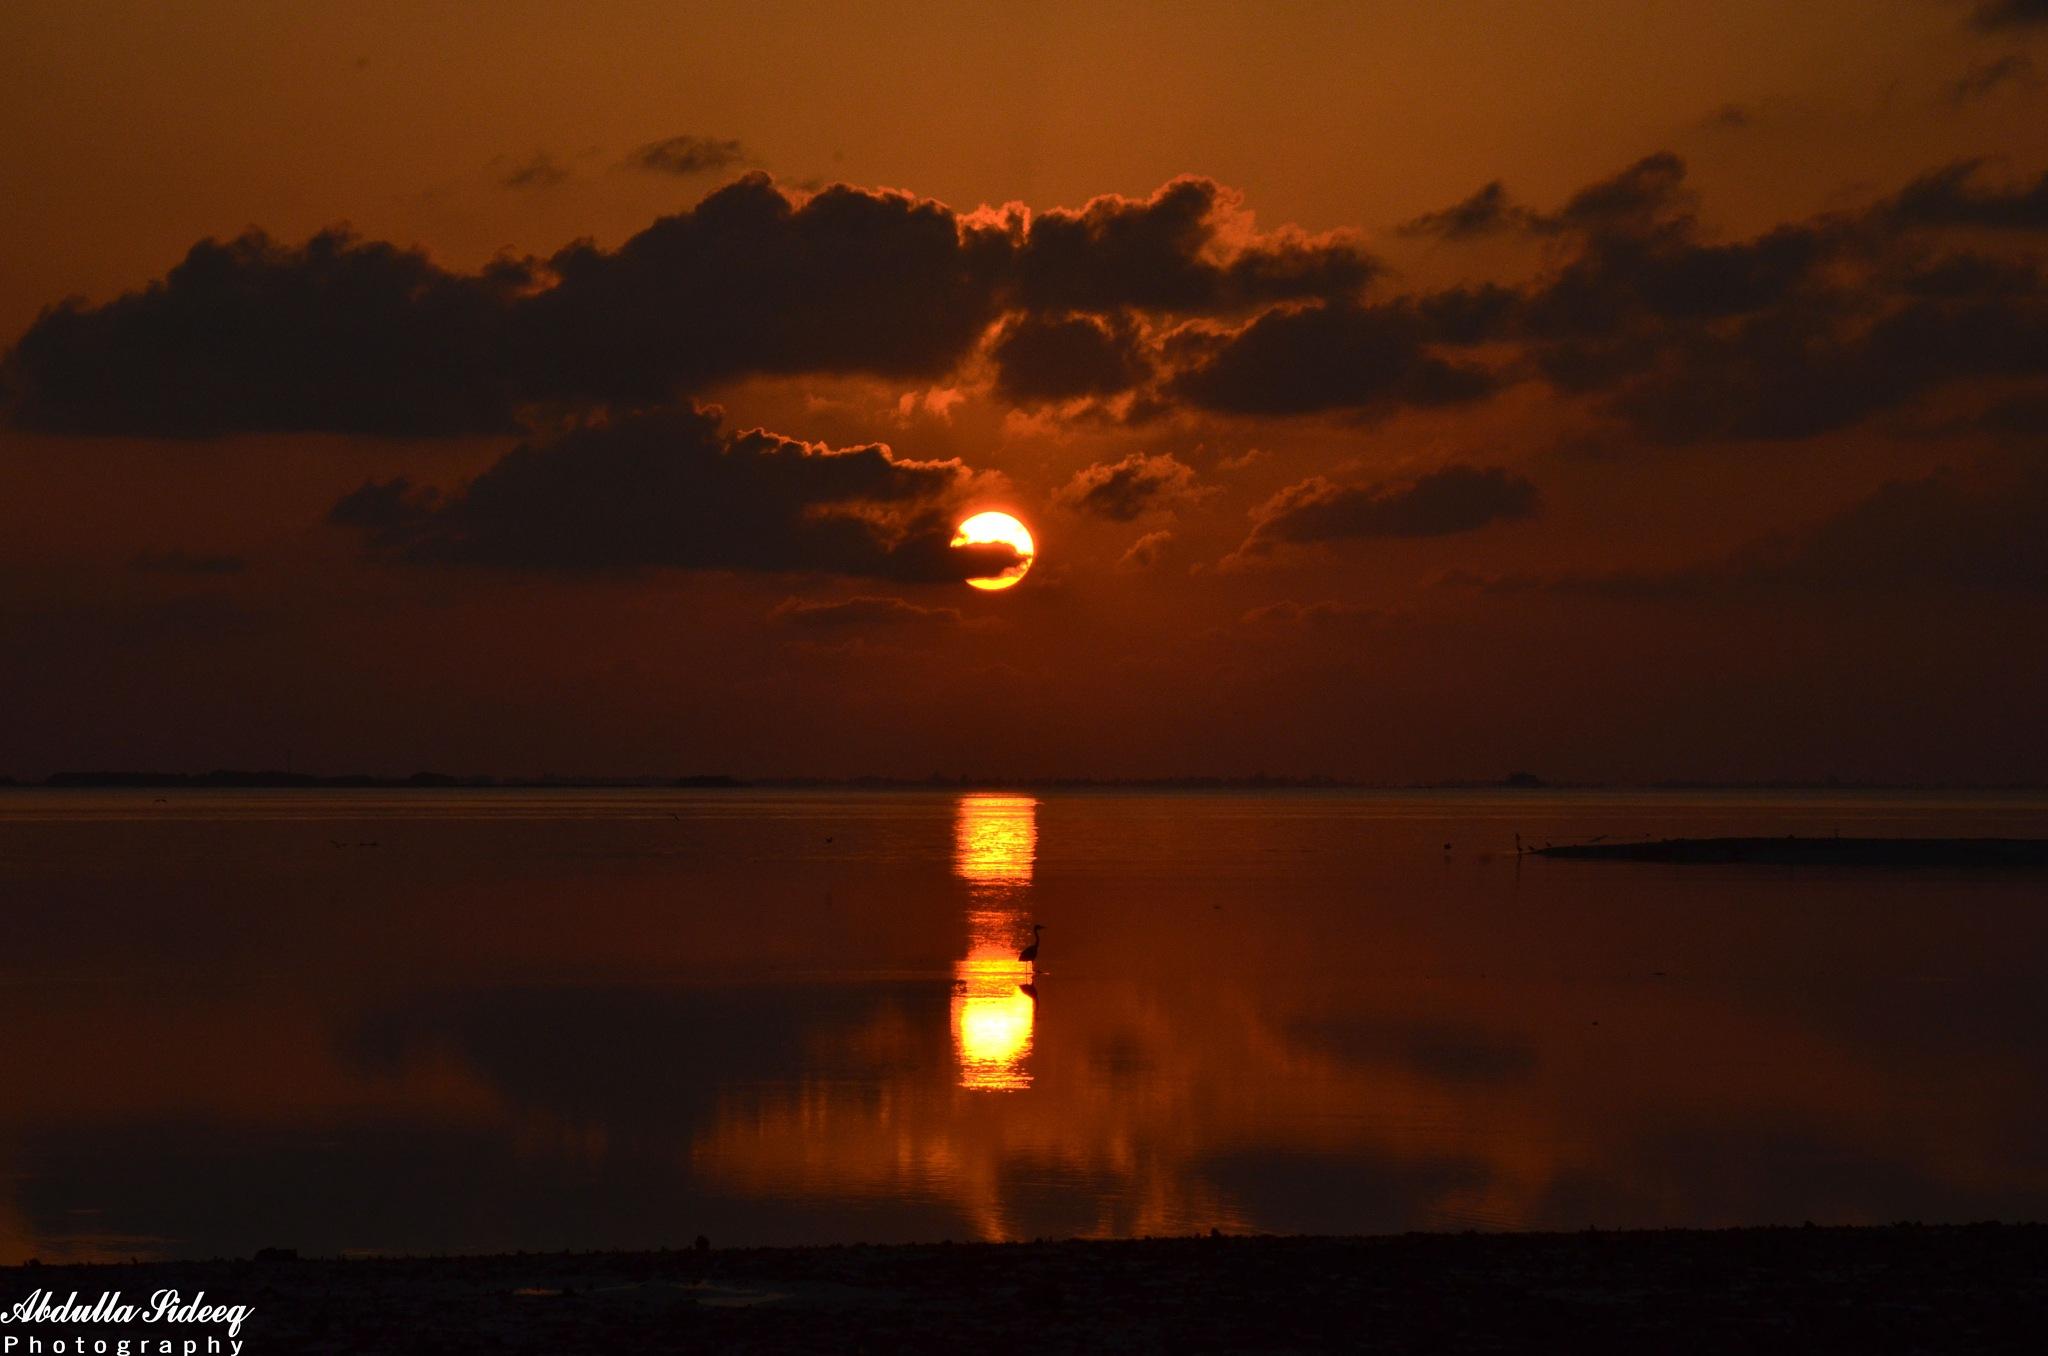 Sunrise by Abdulla Sideeq